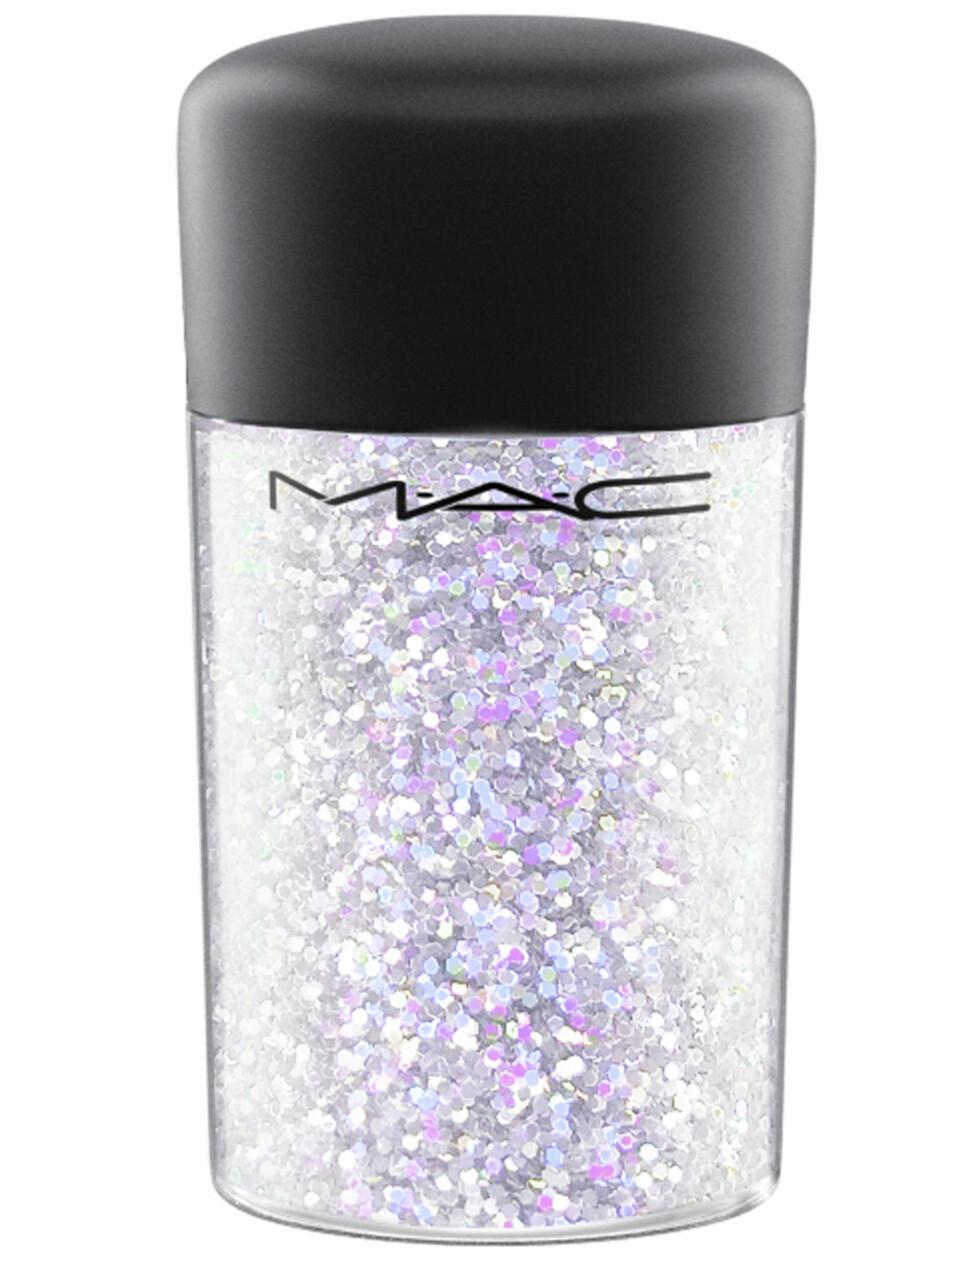 Glitter (kr 230, Mac Cosmetics, Pro Glitter).